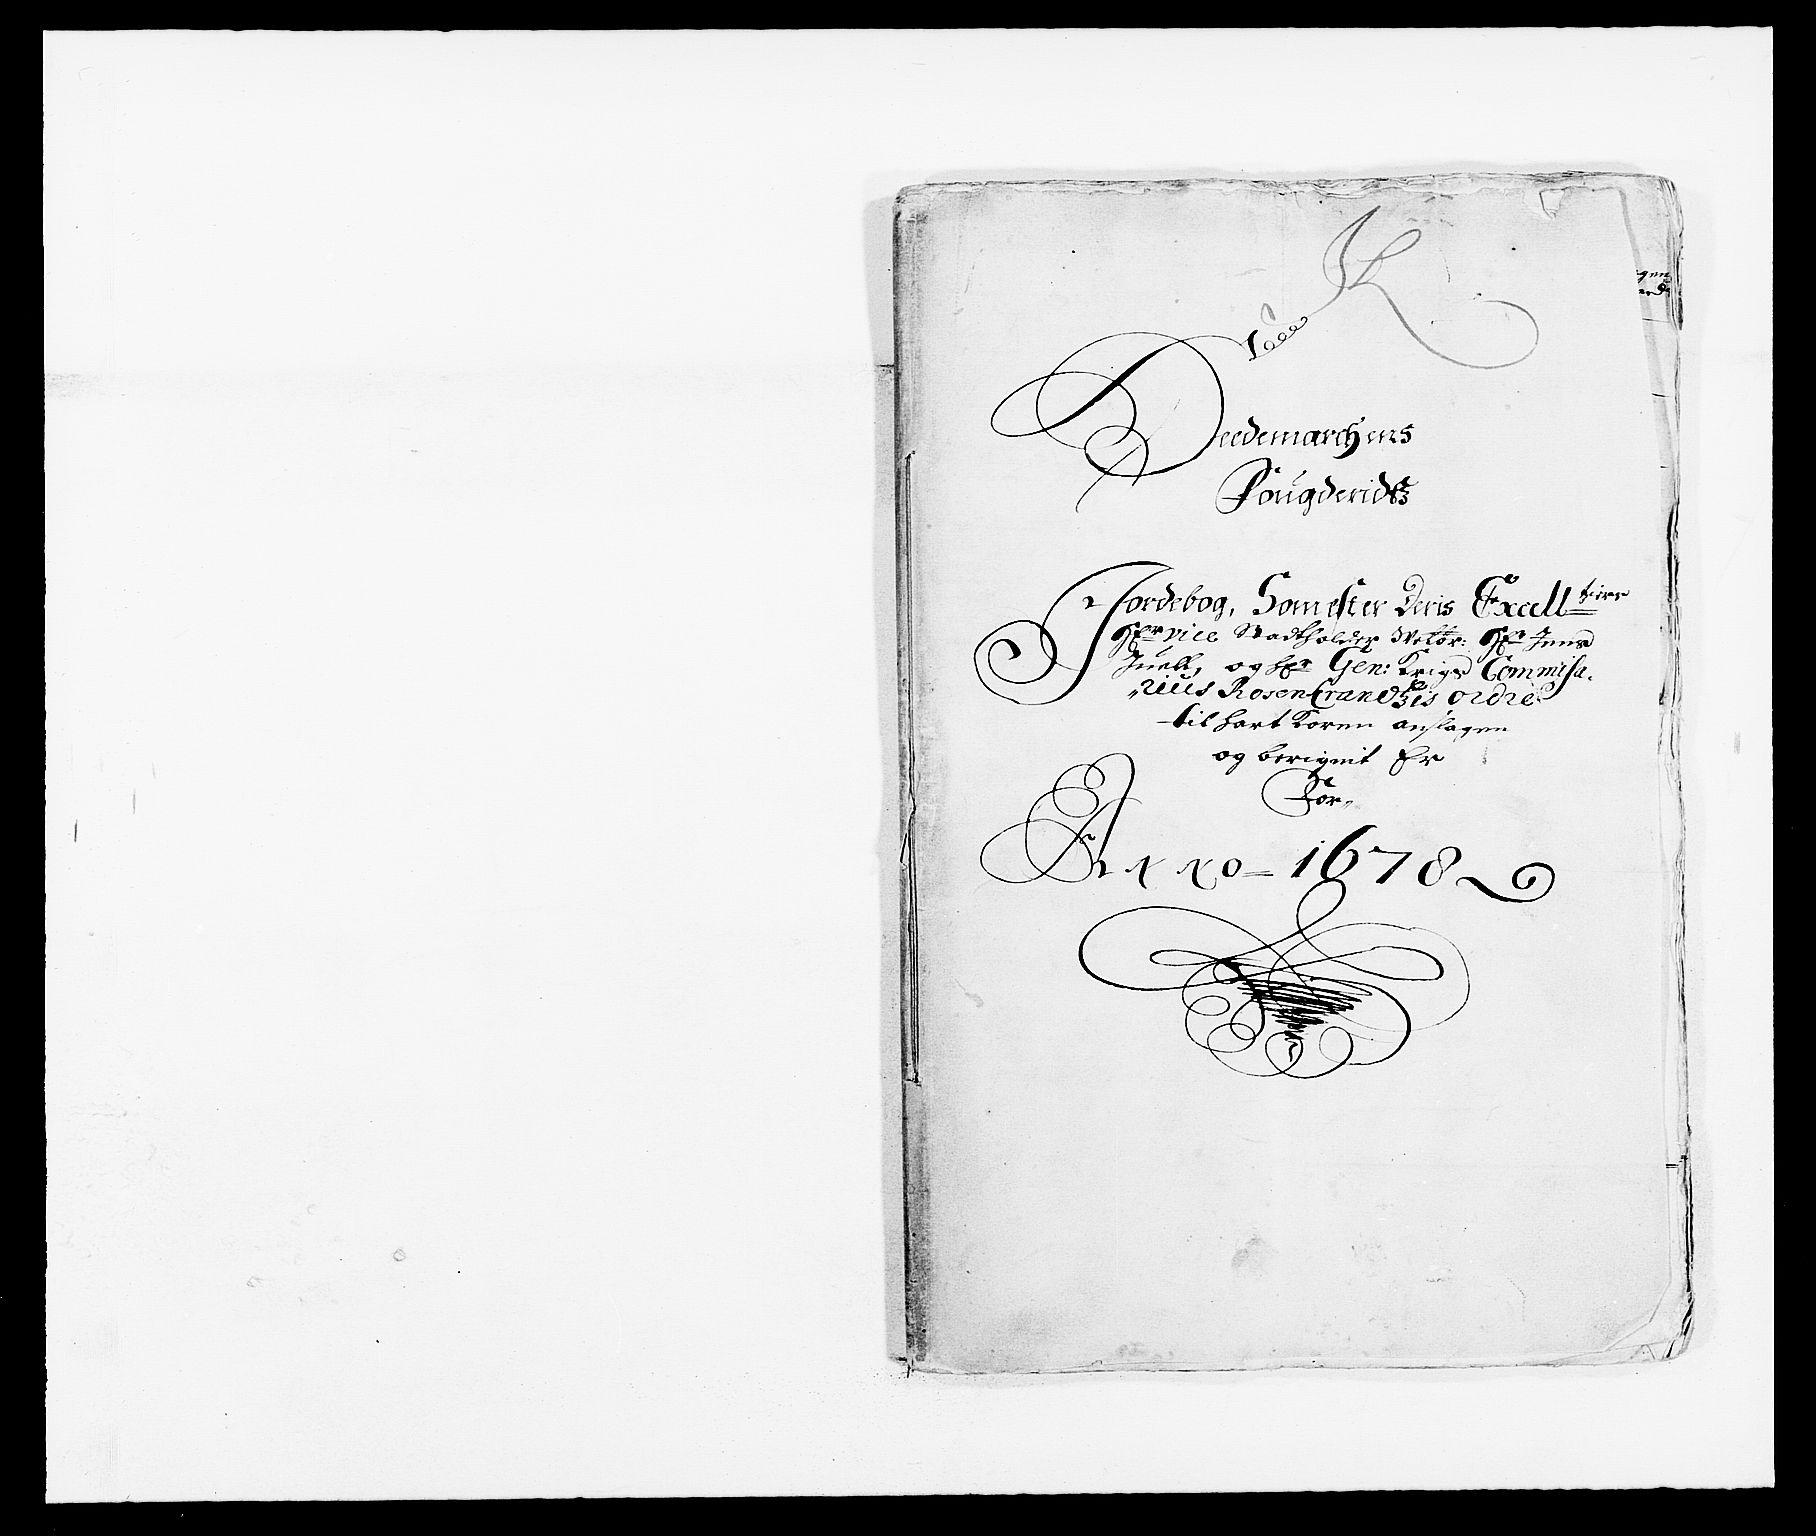 RA, Rentekammeret inntil 1814, Reviderte regnskaper, Fogderegnskap, R16/L1017: Fogderegnskap Hedmark, 1678-1679, s. 313